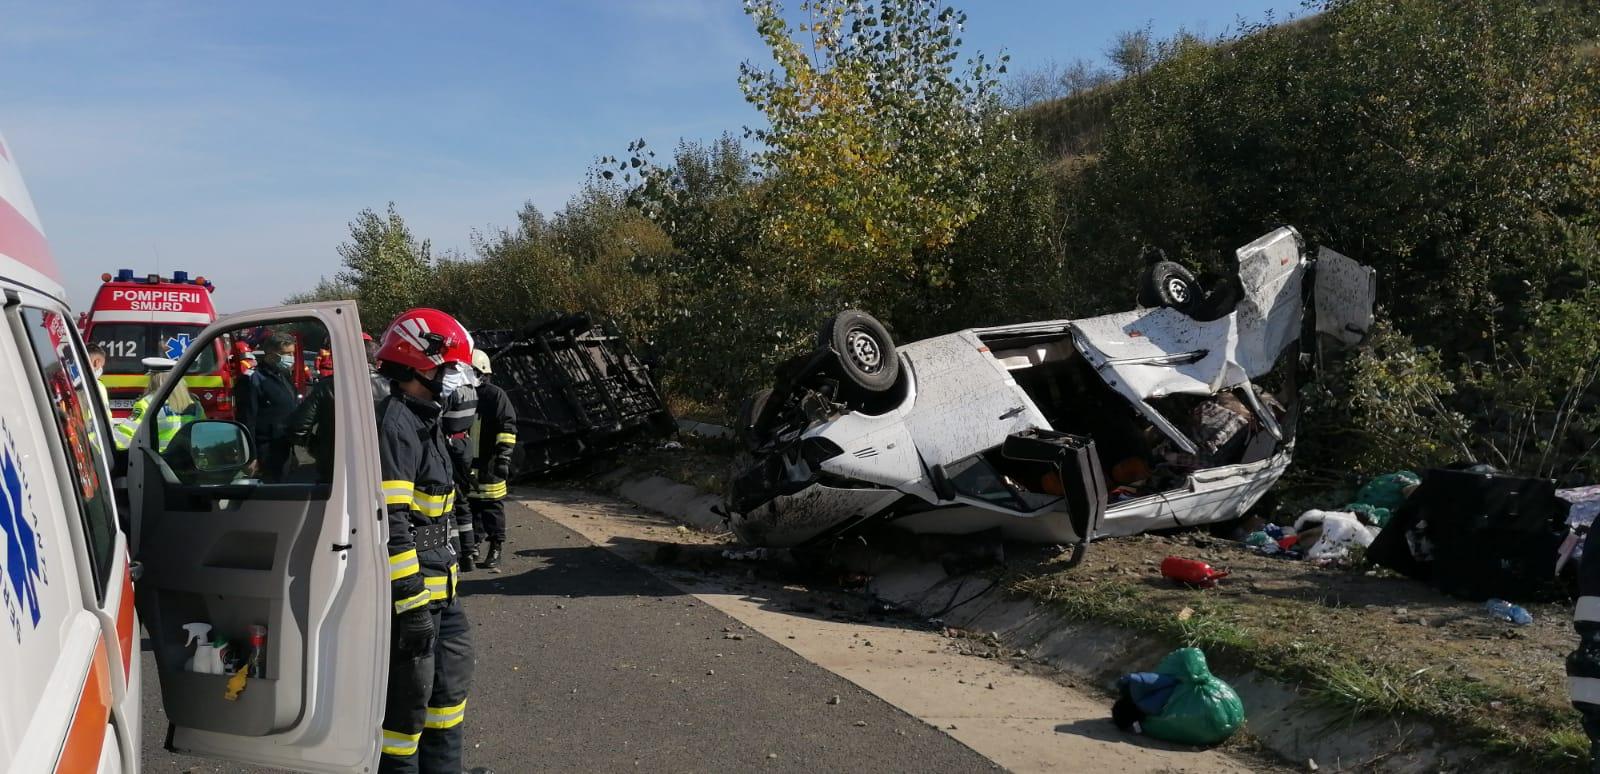 Accident grav pe autostrada A1, cu un mort. A fost activat planul roșu de intervenție